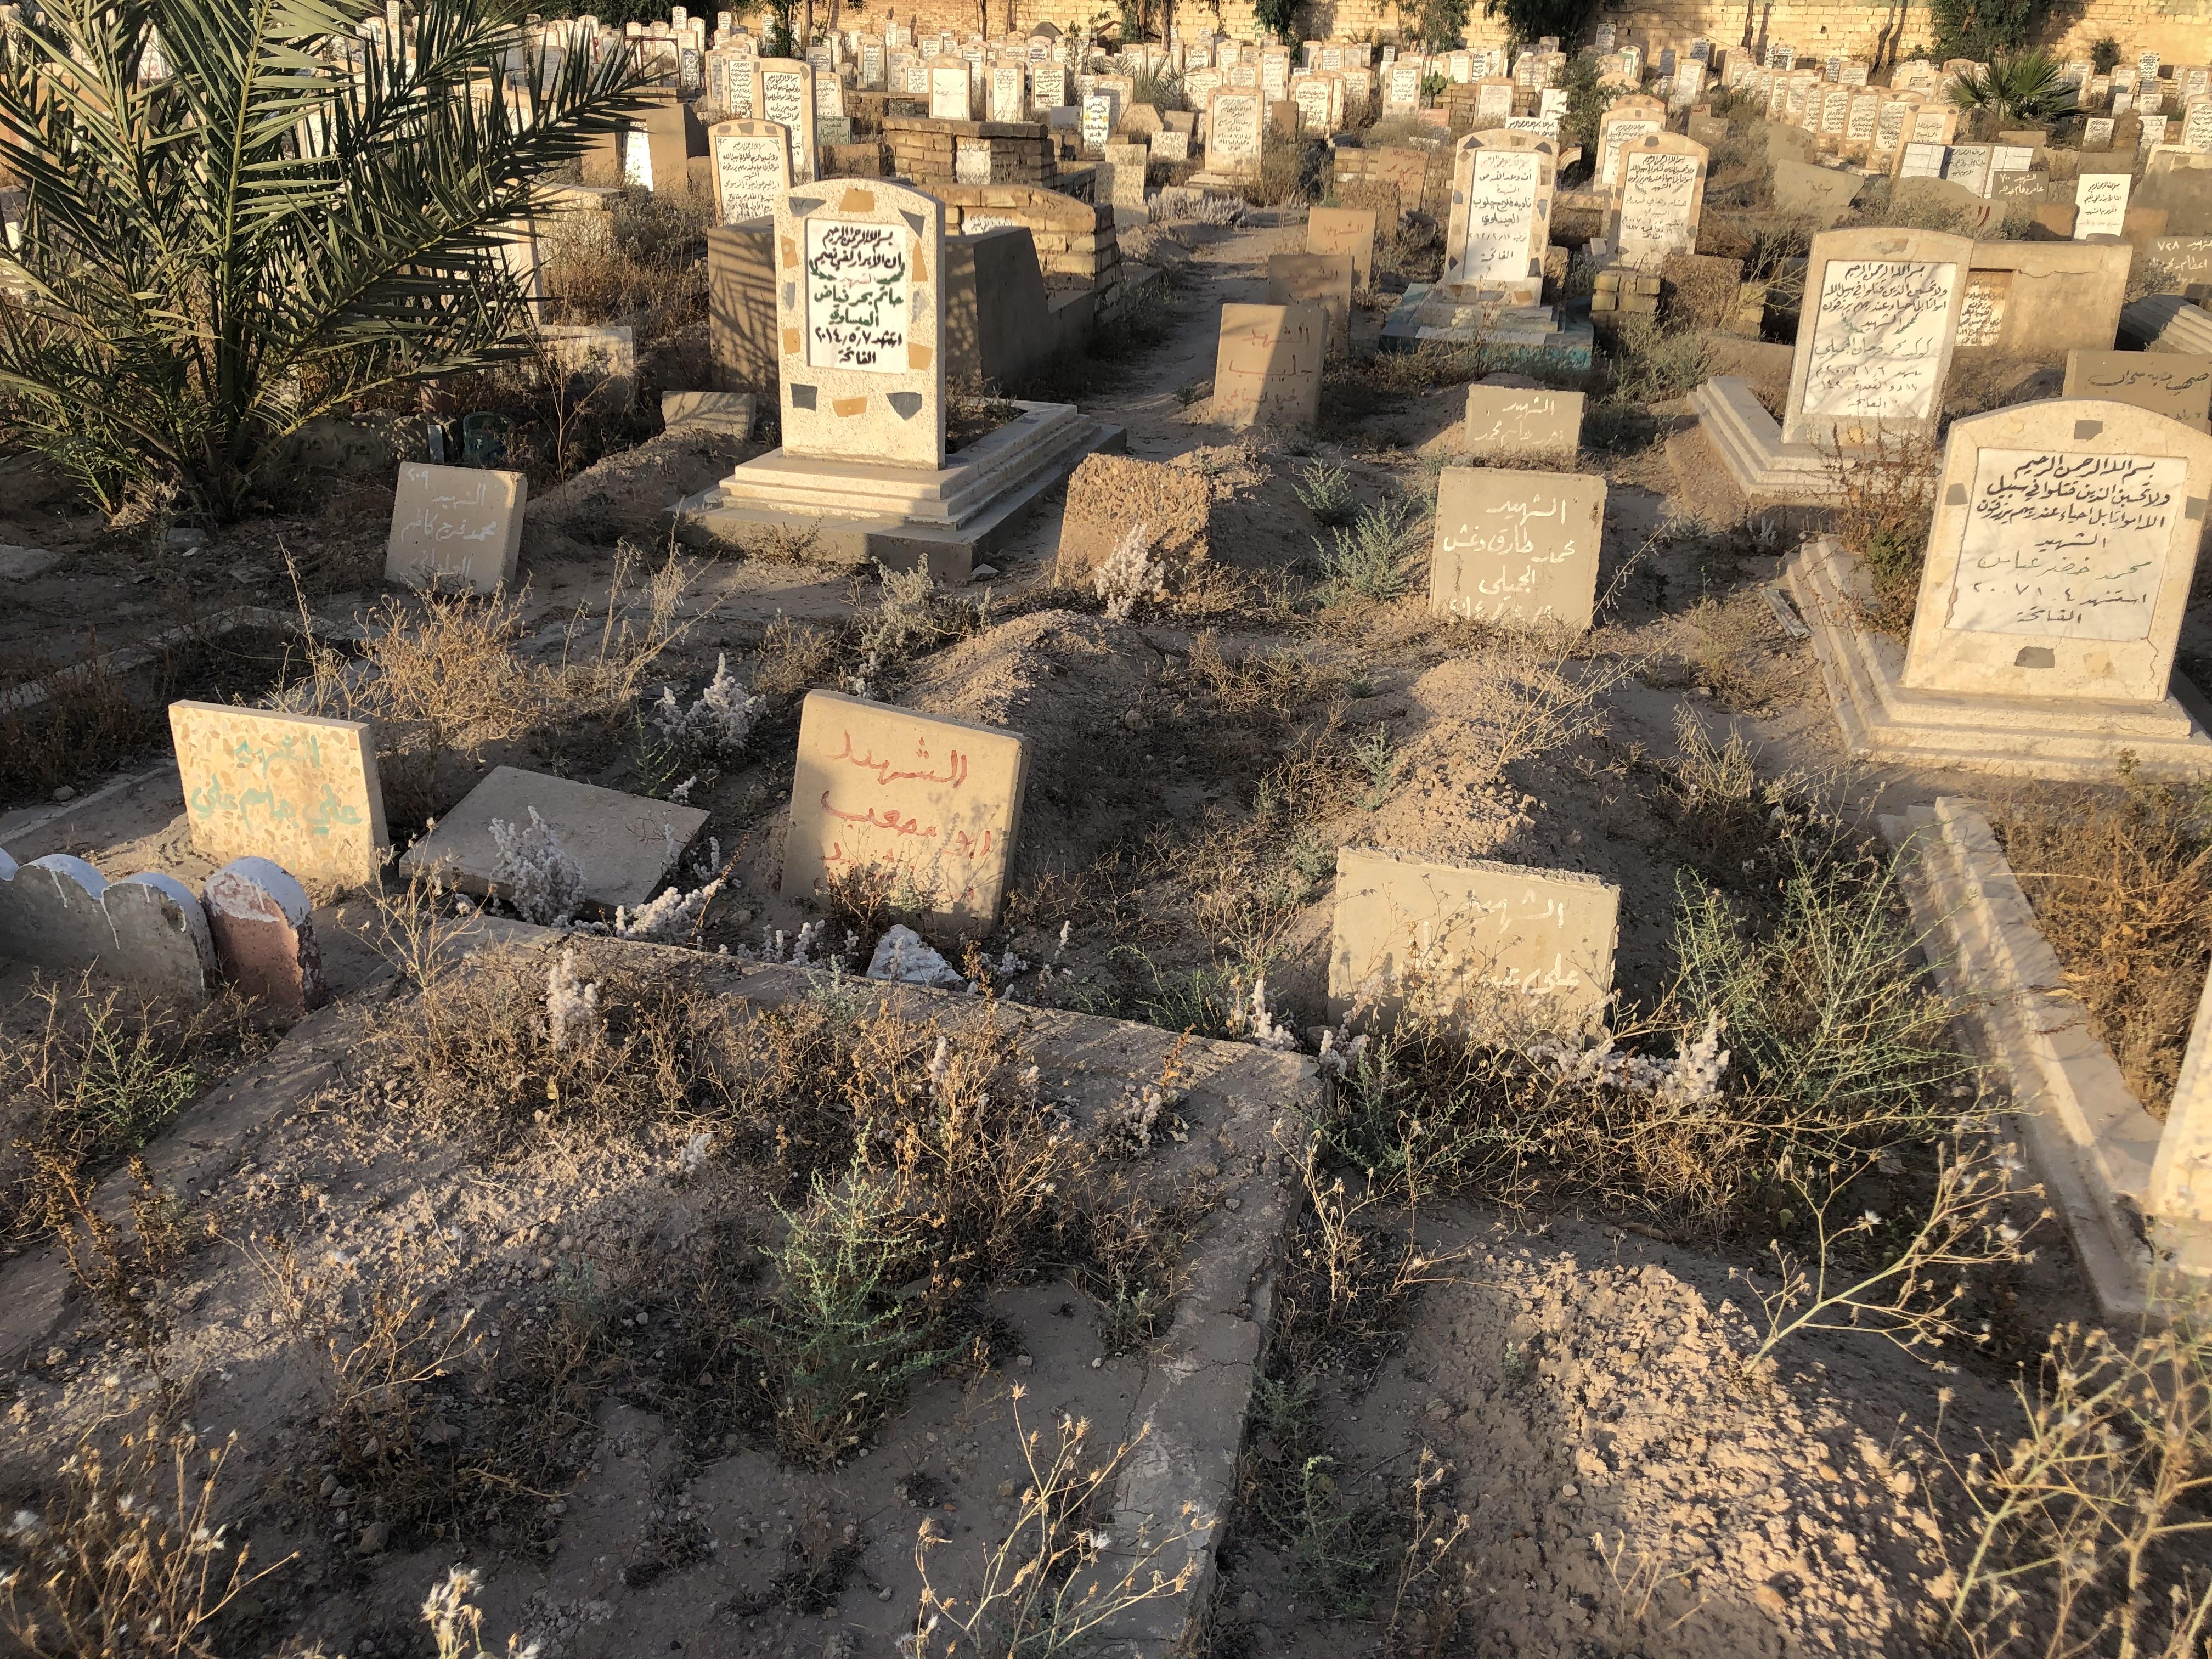 صورة أهالي الفلوجة يزيلون قبور الدواعش من مقابرهم